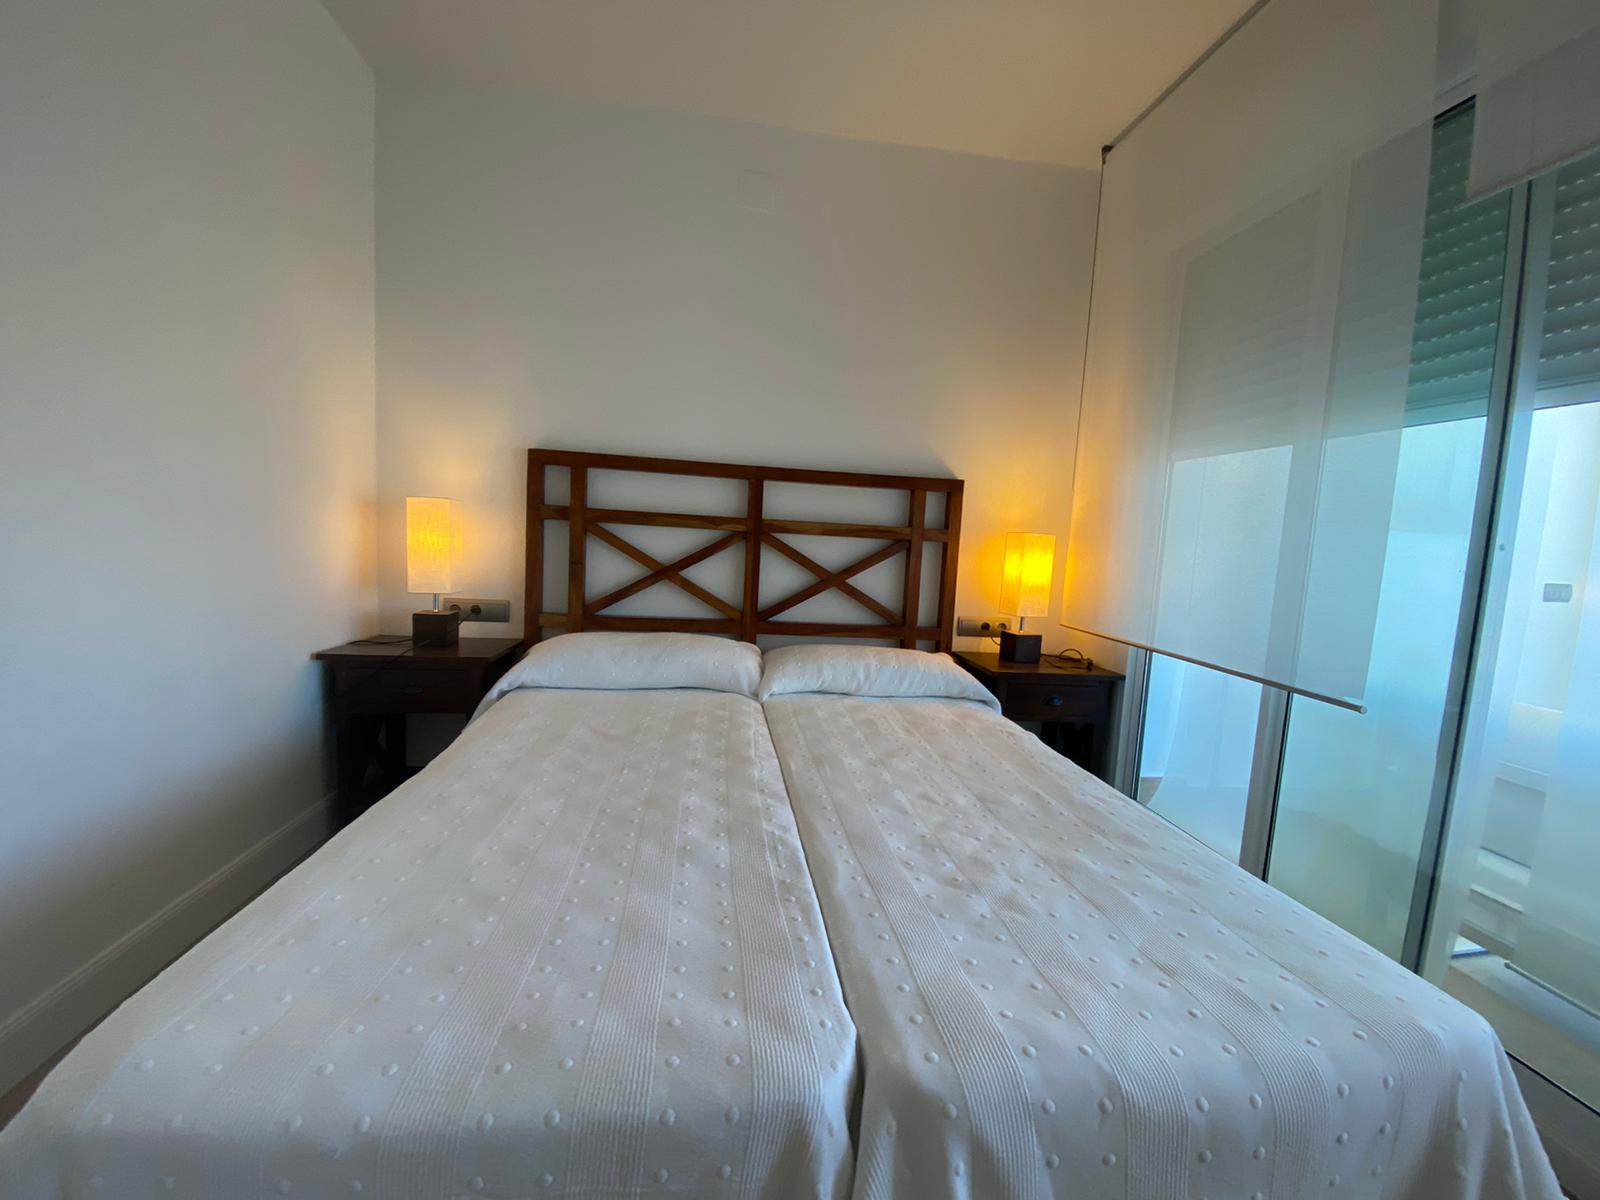 Imagen 28 del Apartamento Turístico, Ático 1 Poniente (3d+2b), Punta del Moral (HUELVA), Paseo de la Cruz nº22